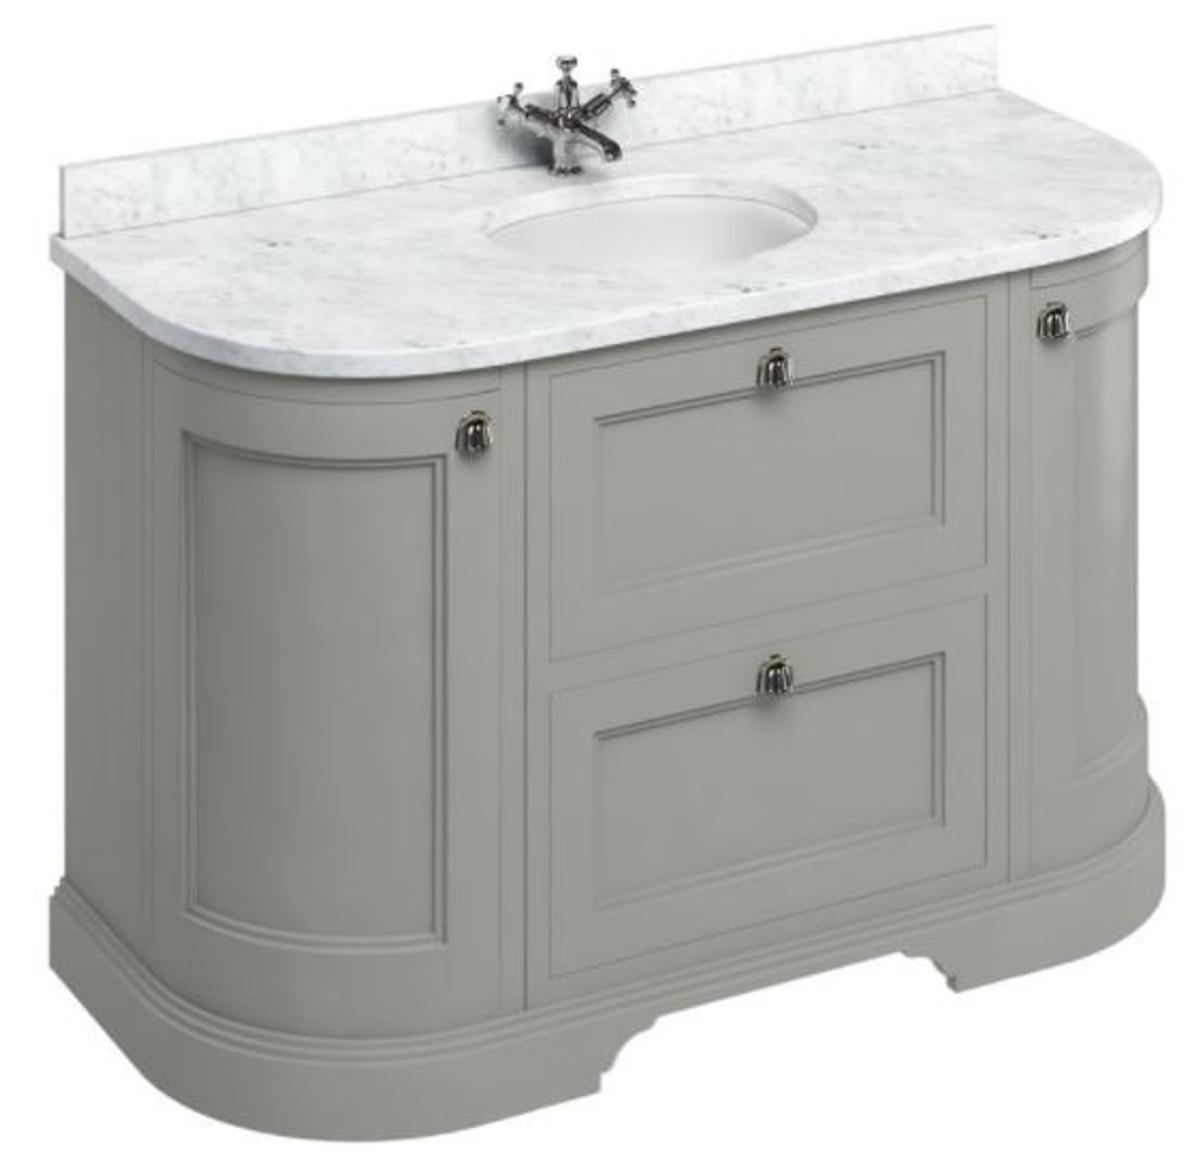 casa padrino waschschrank waschtisch mit marmorplatte t ren und schubladen 134 x 55 x h 93 cm. Black Bedroom Furniture Sets. Home Design Ideas